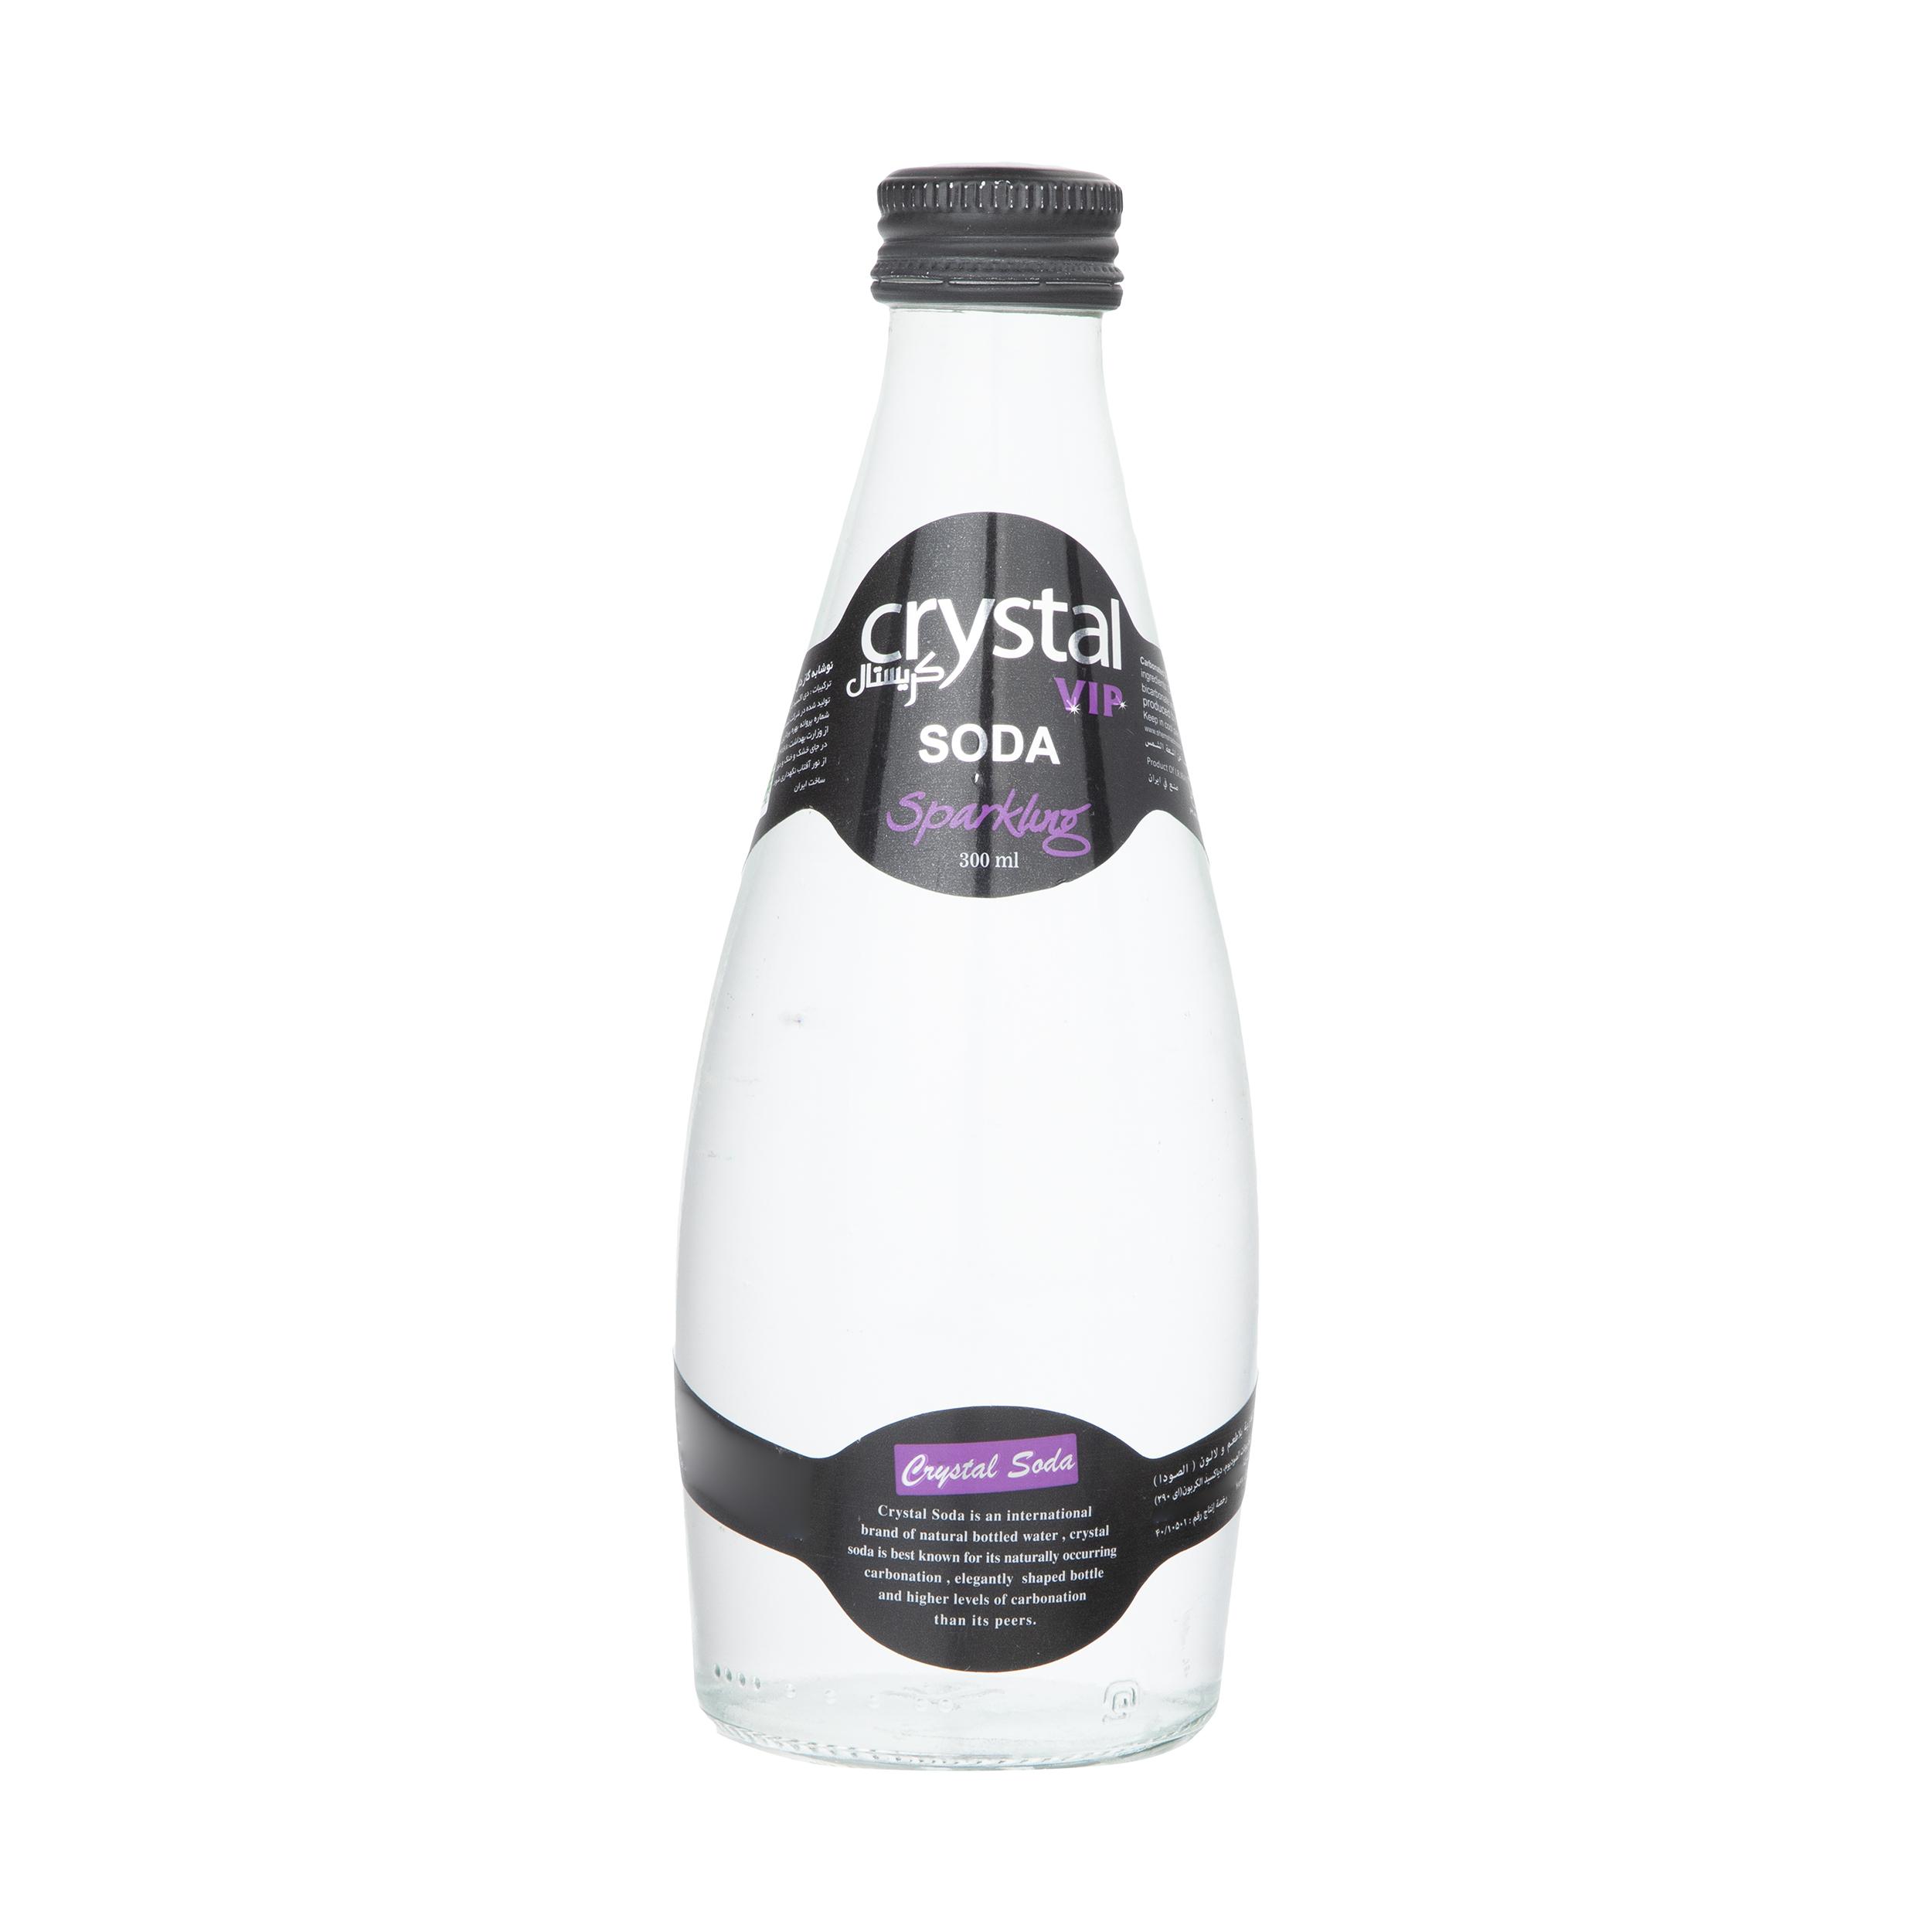 آب گازدار کریستال - 300 میلی لیتر